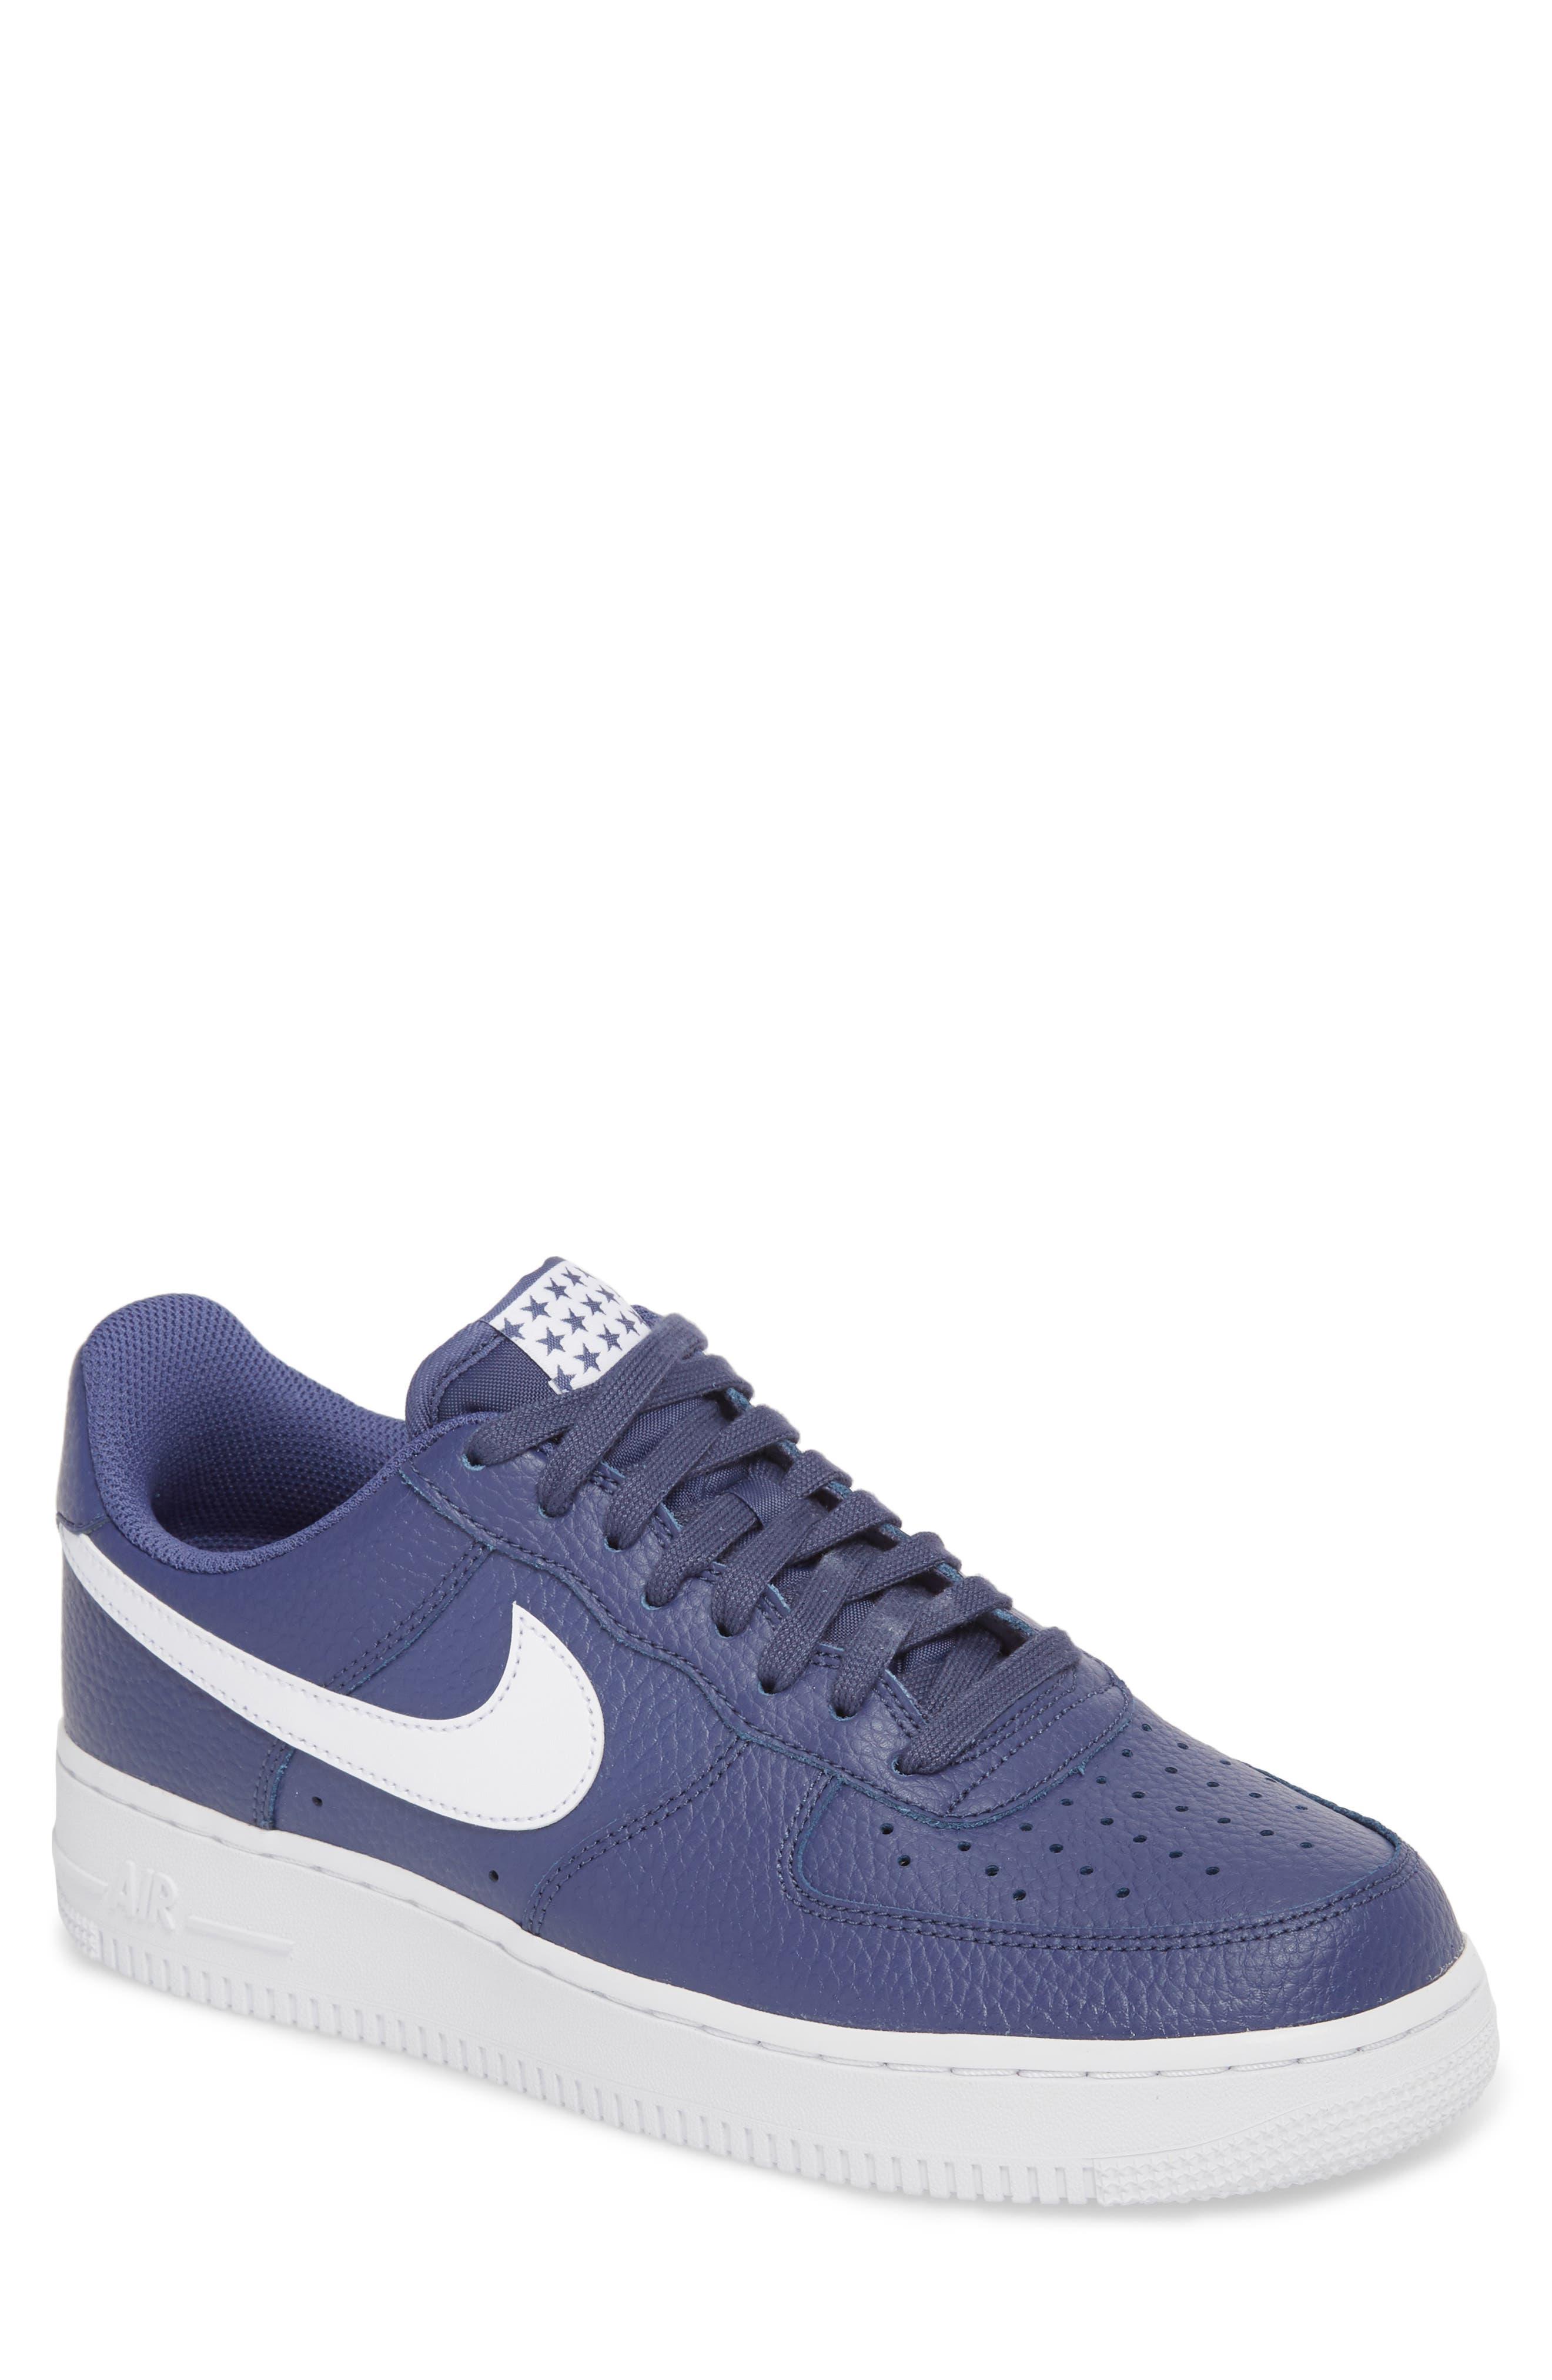 Nike Air Force 1 07 Sneaker (Men)